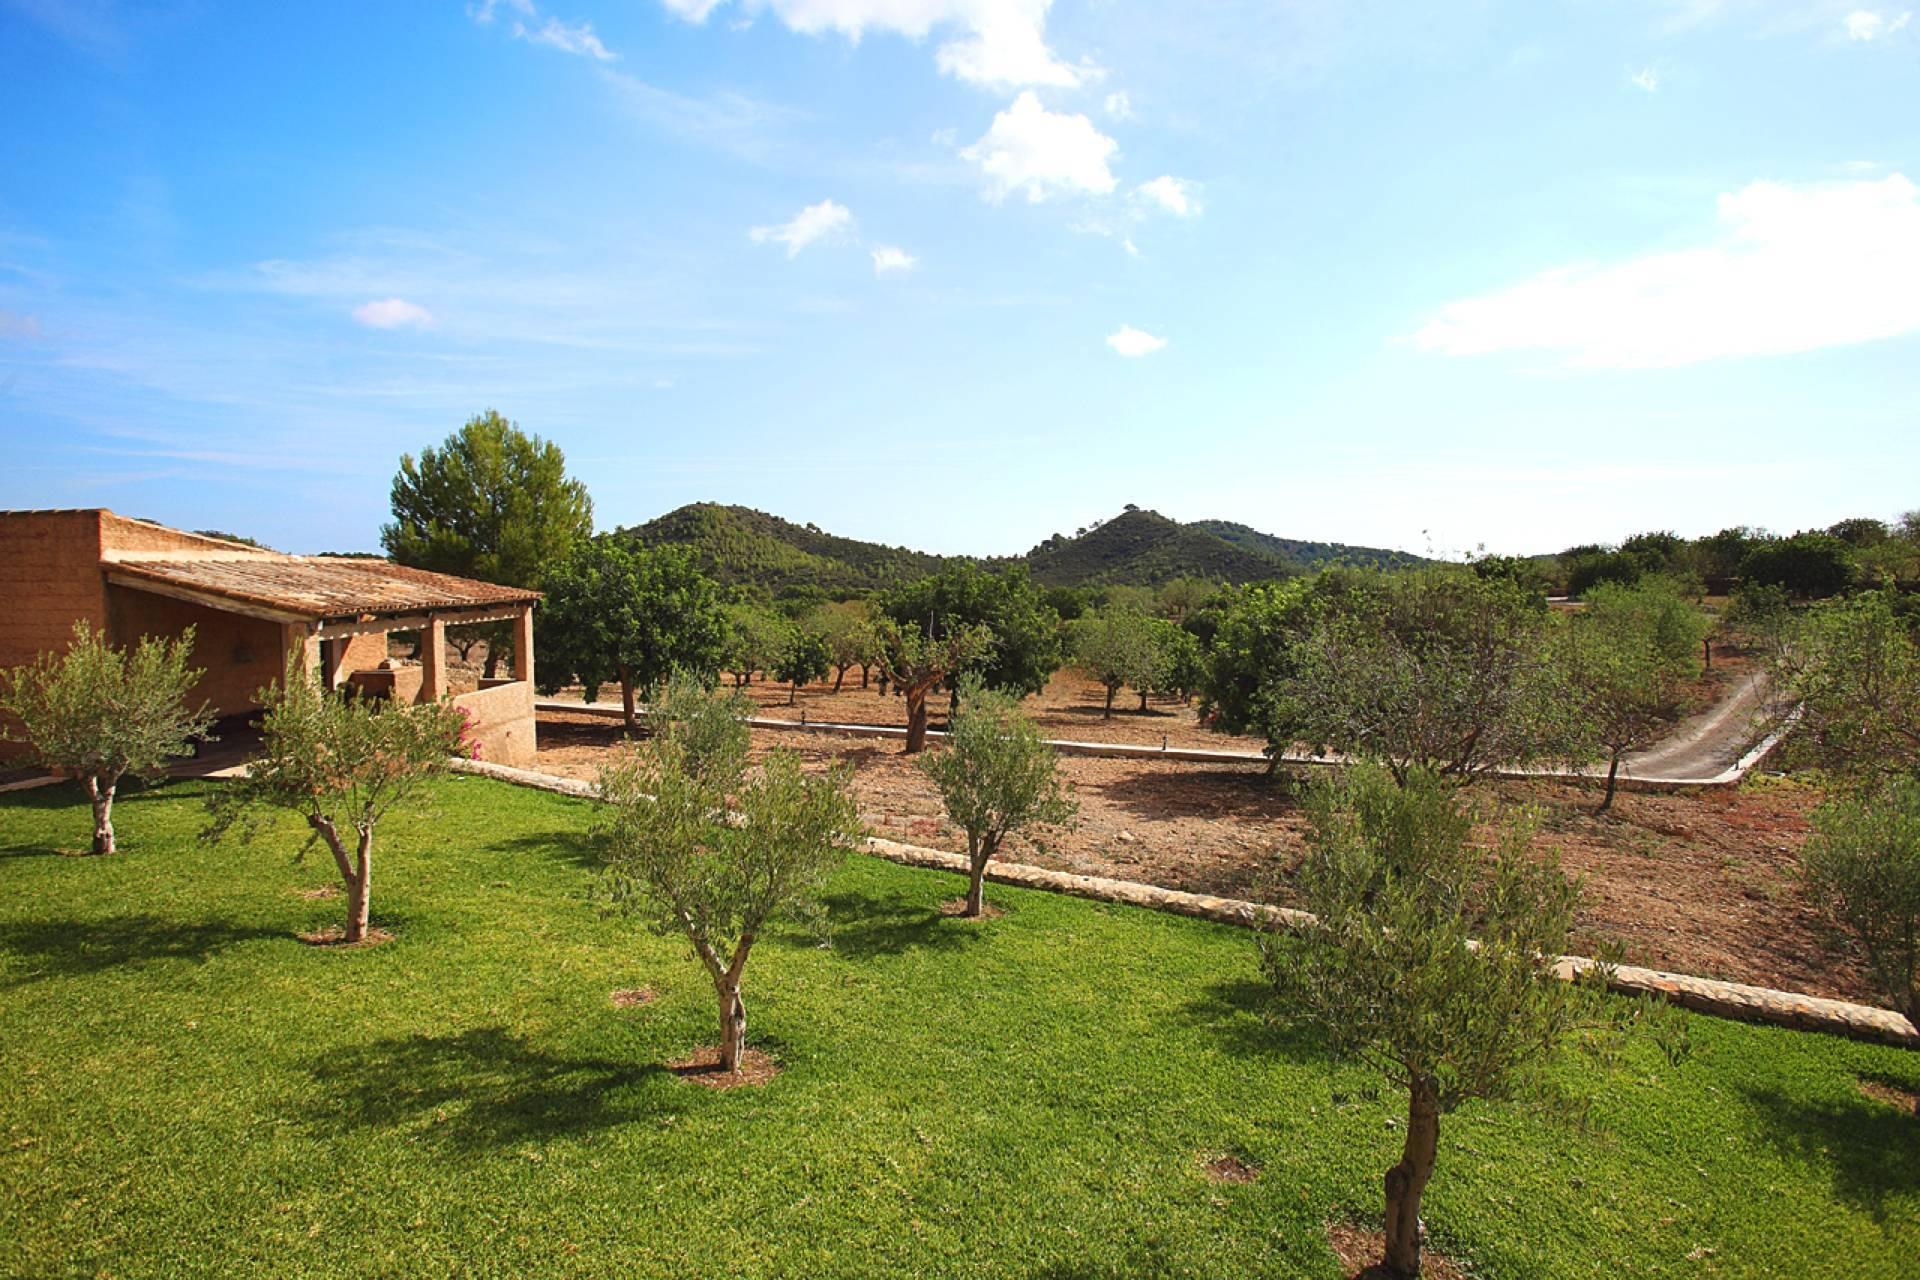 01-159 Ländliches Ferienhaus Mallorca Osten Bild 17